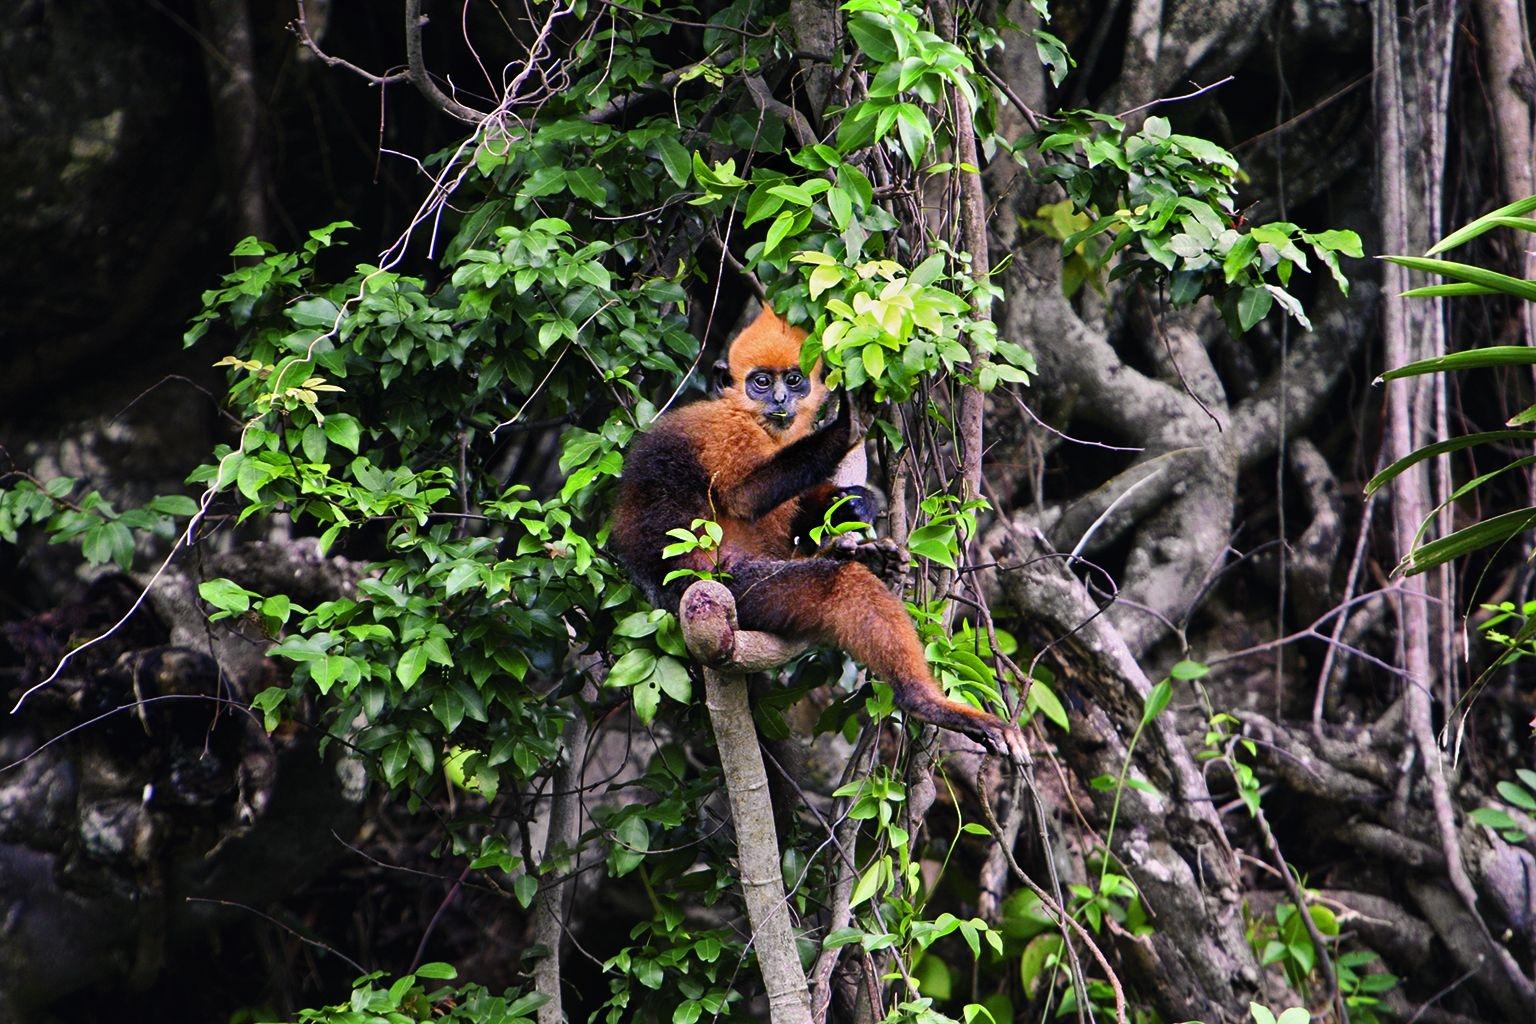 只存在於越南卡巴島的金頭葉猴,曾經被獵捕作為傳統藥材之用。PHOTO: MAI SY LUAN, CAT BA LANGUR CONSERVATION PROJECT.